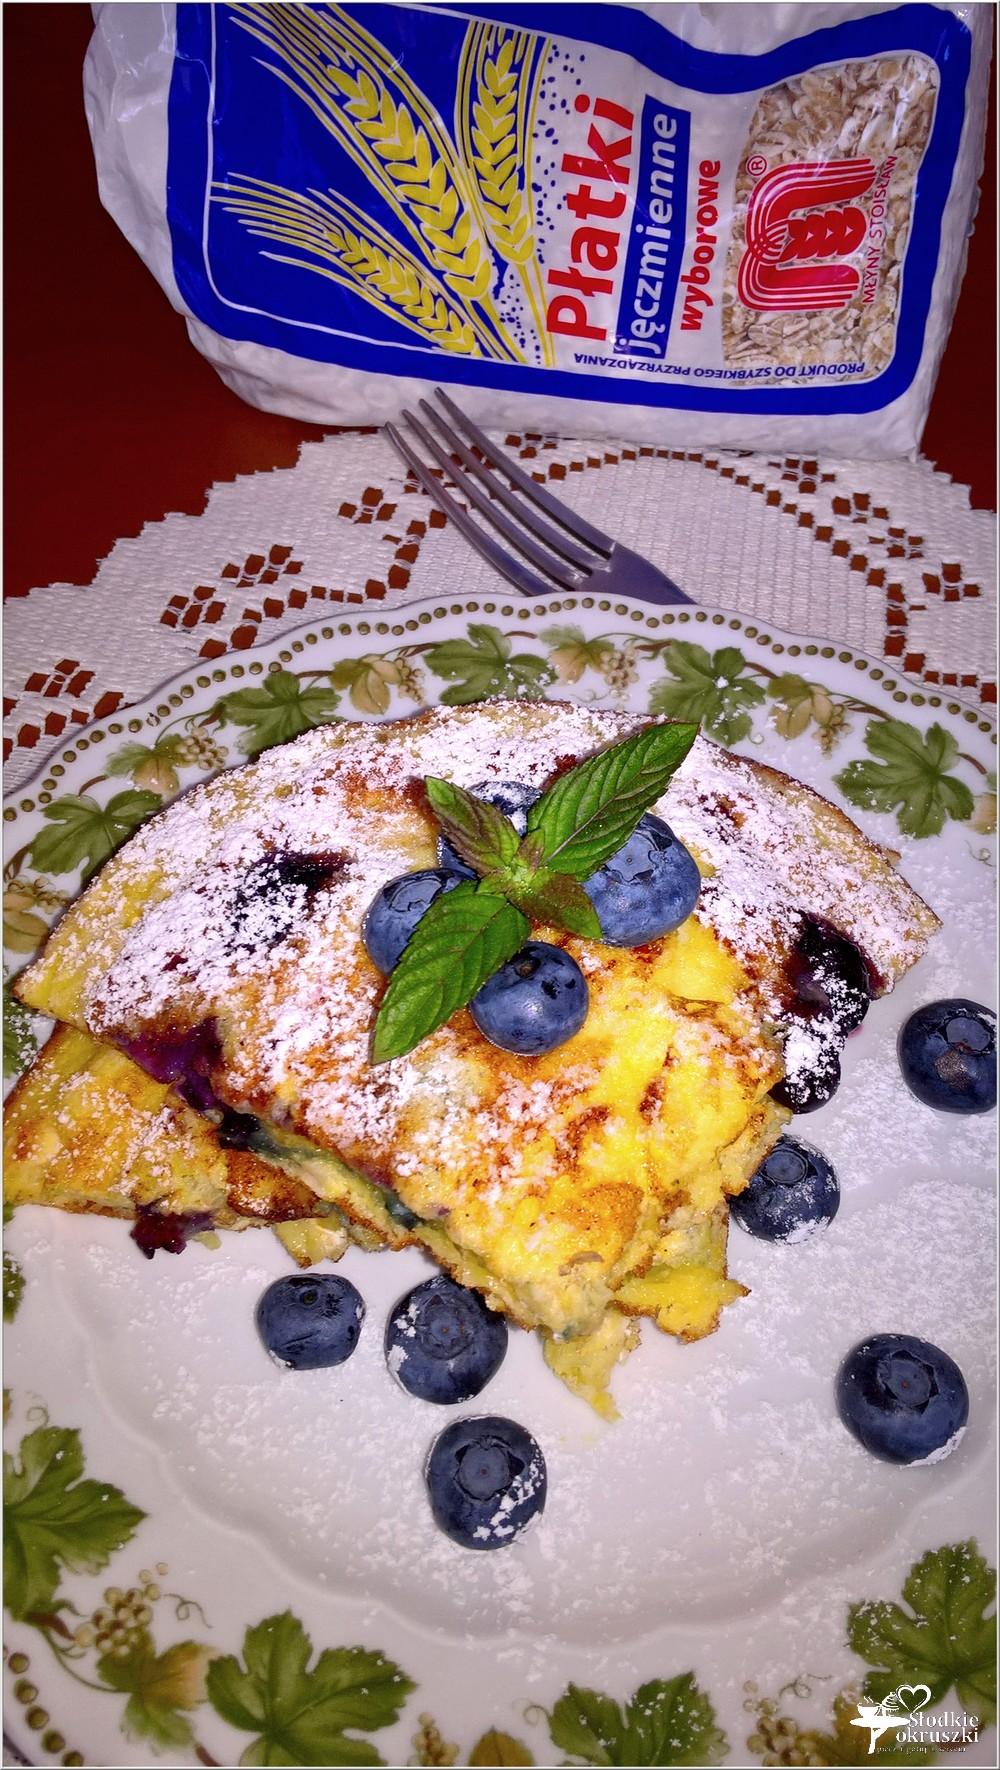 Puszysty omlet z borówkami i płatkami jęczmiennymi (1)